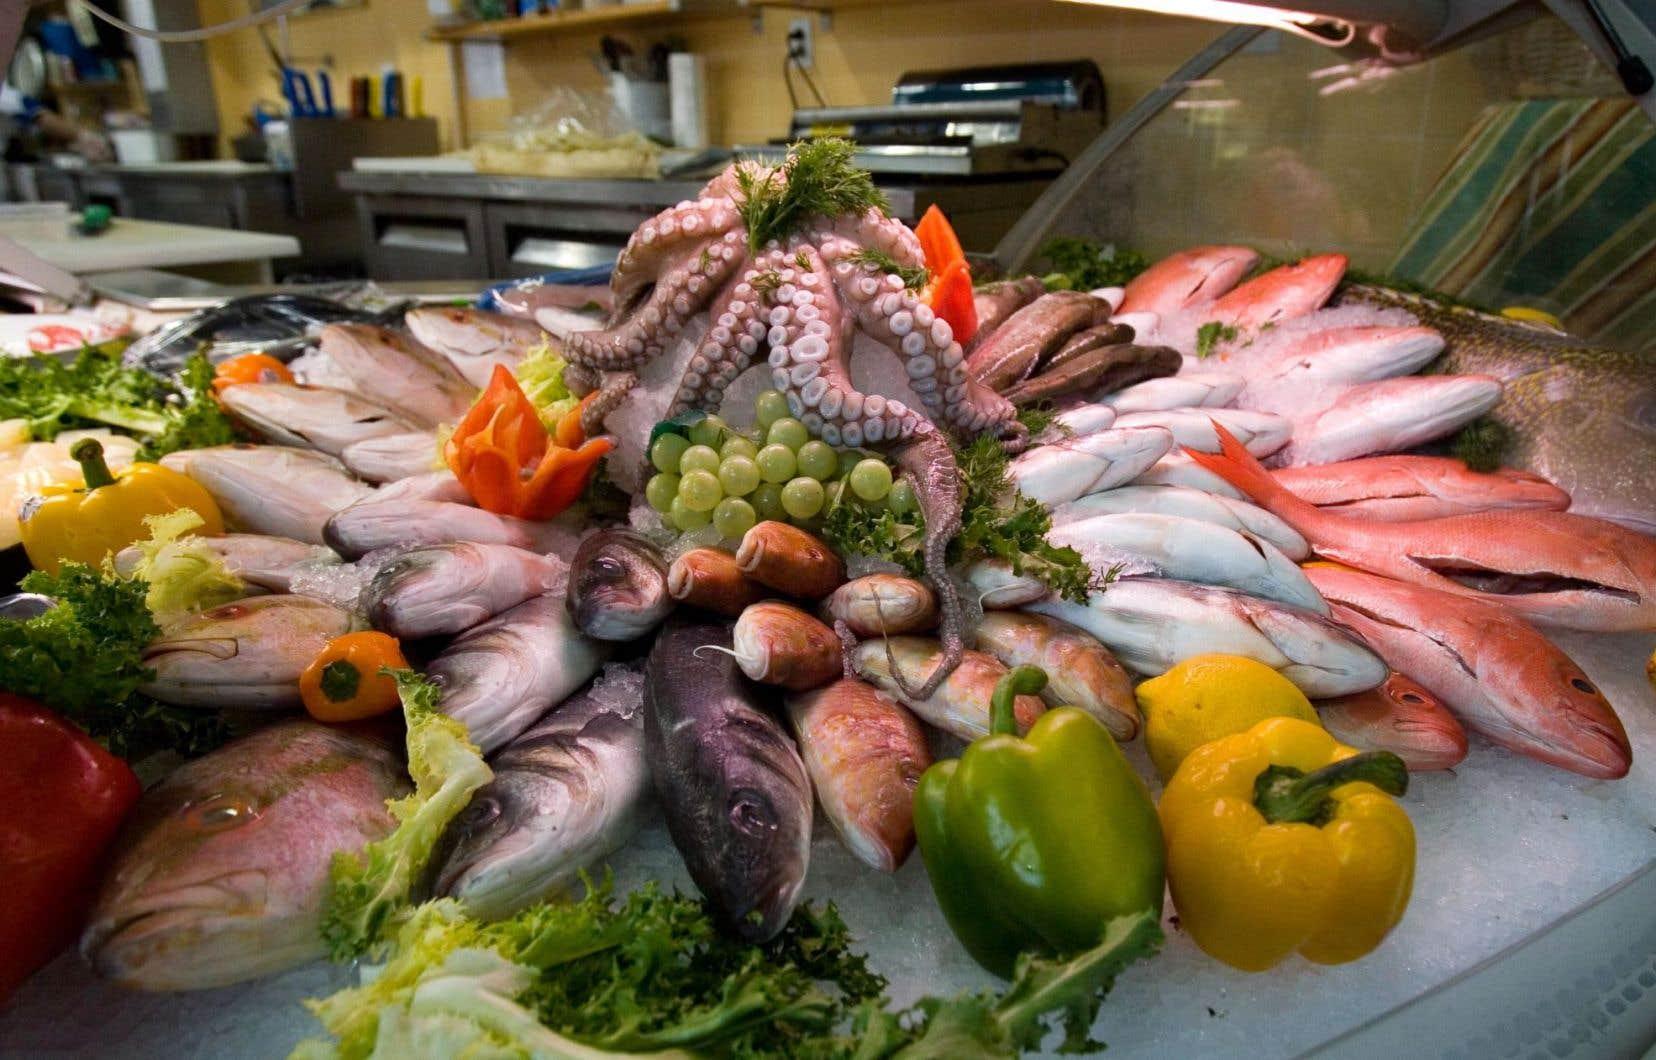 Si chez nous des efforts sont faits pour favoriser l'aquaculture et l'élevage de produits marins, leur consommation reste plus timide.